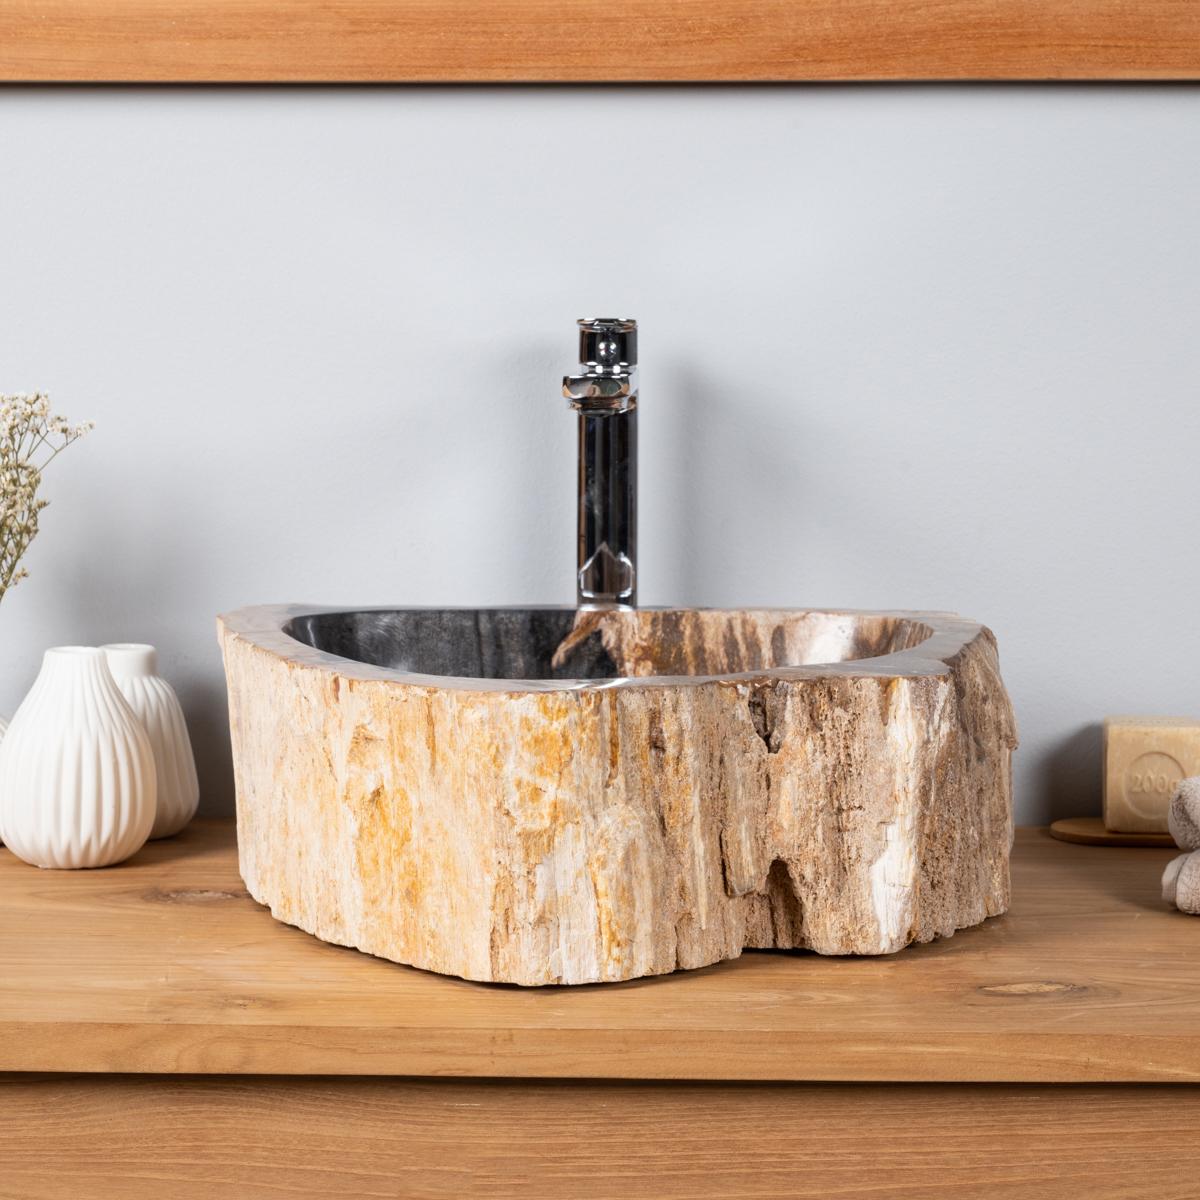 vasque de salle de bain en bois p trifi fossilis l 42 cm. Black Bedroom Furniture Sets. Home Design Ideas